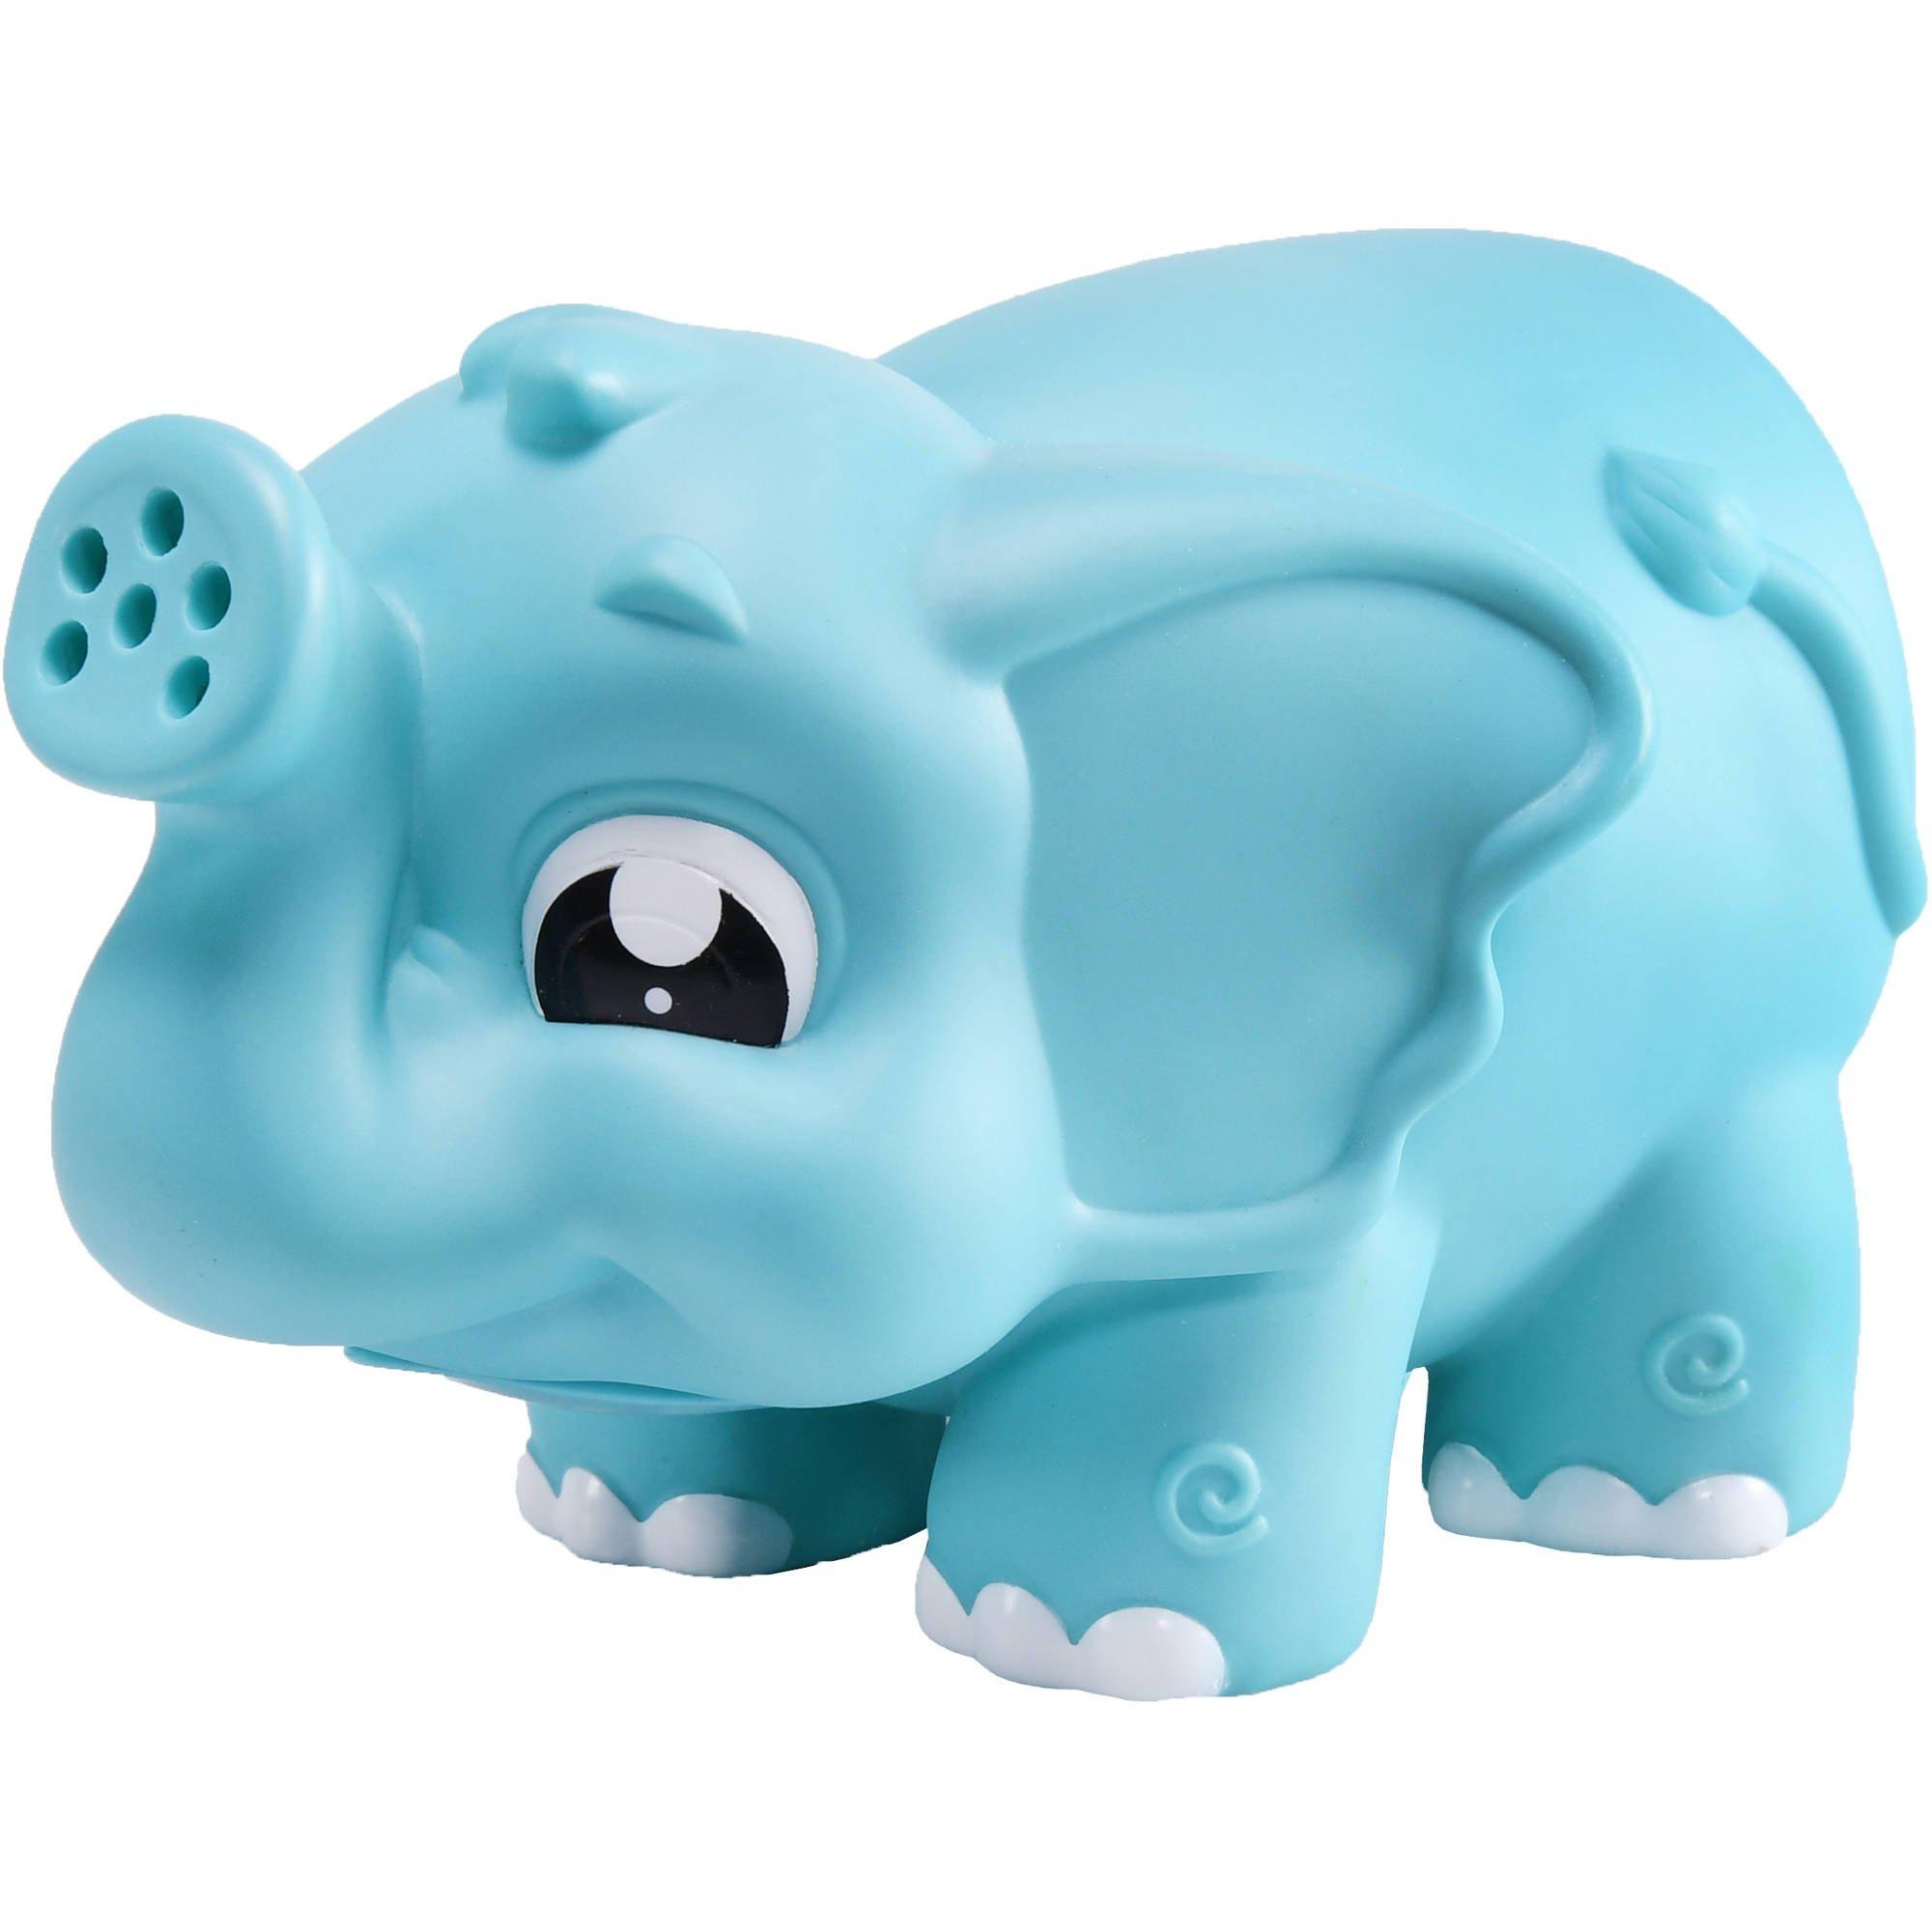 Bathtub Spout Faucet Guard Blue Elephant